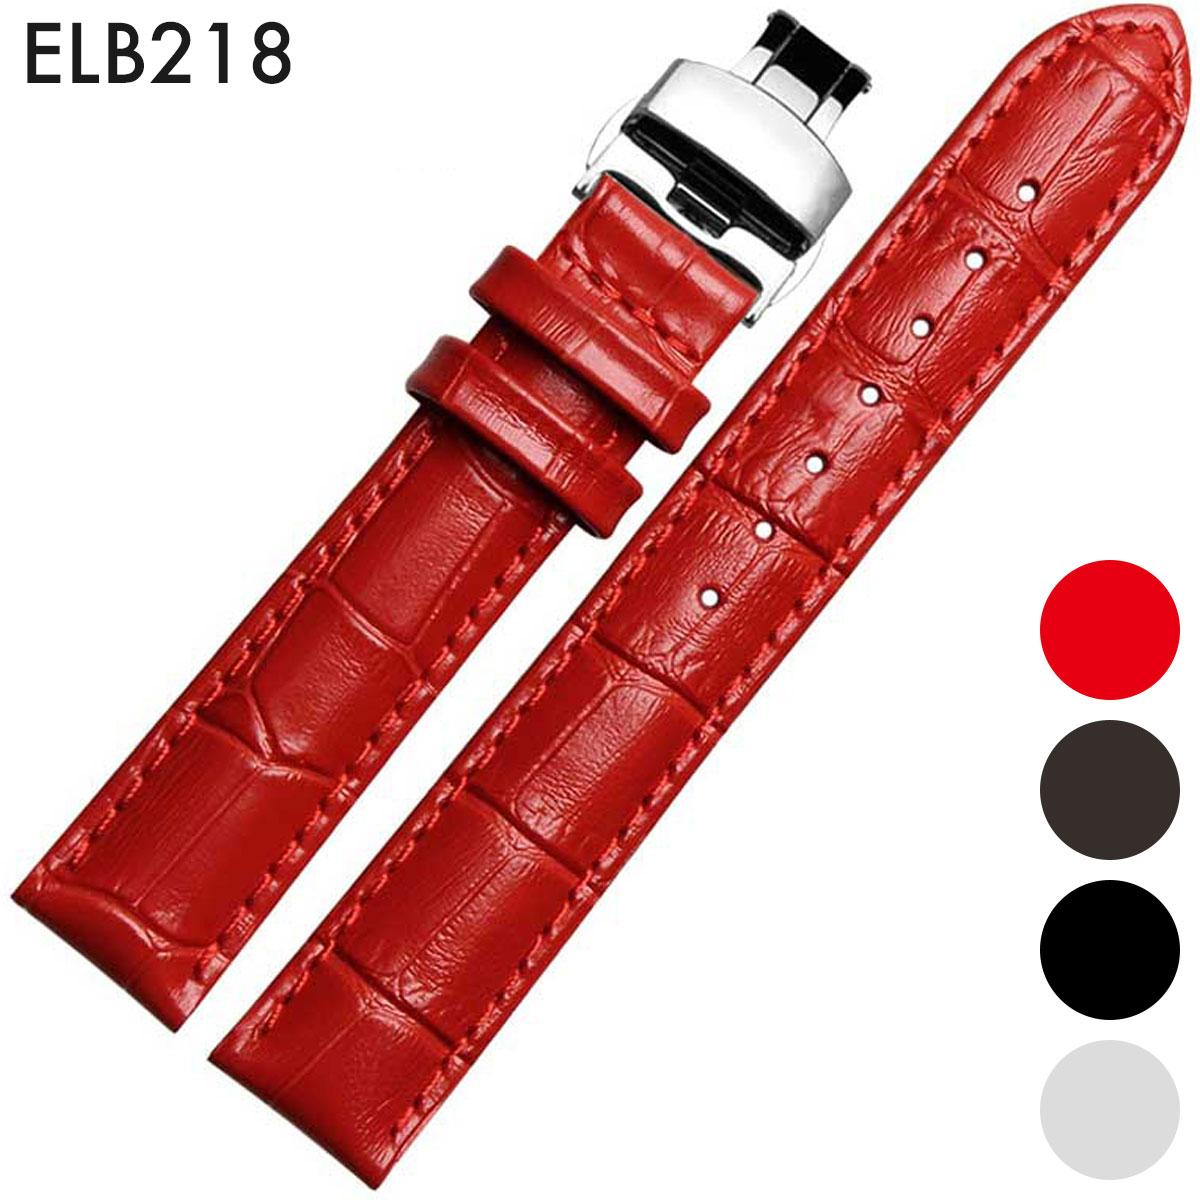 腕時計用アクセサリー, 腕時計用ベルト・バンド  17mm : TISSOT PRC100T22T008 ()D Eight - ELB218